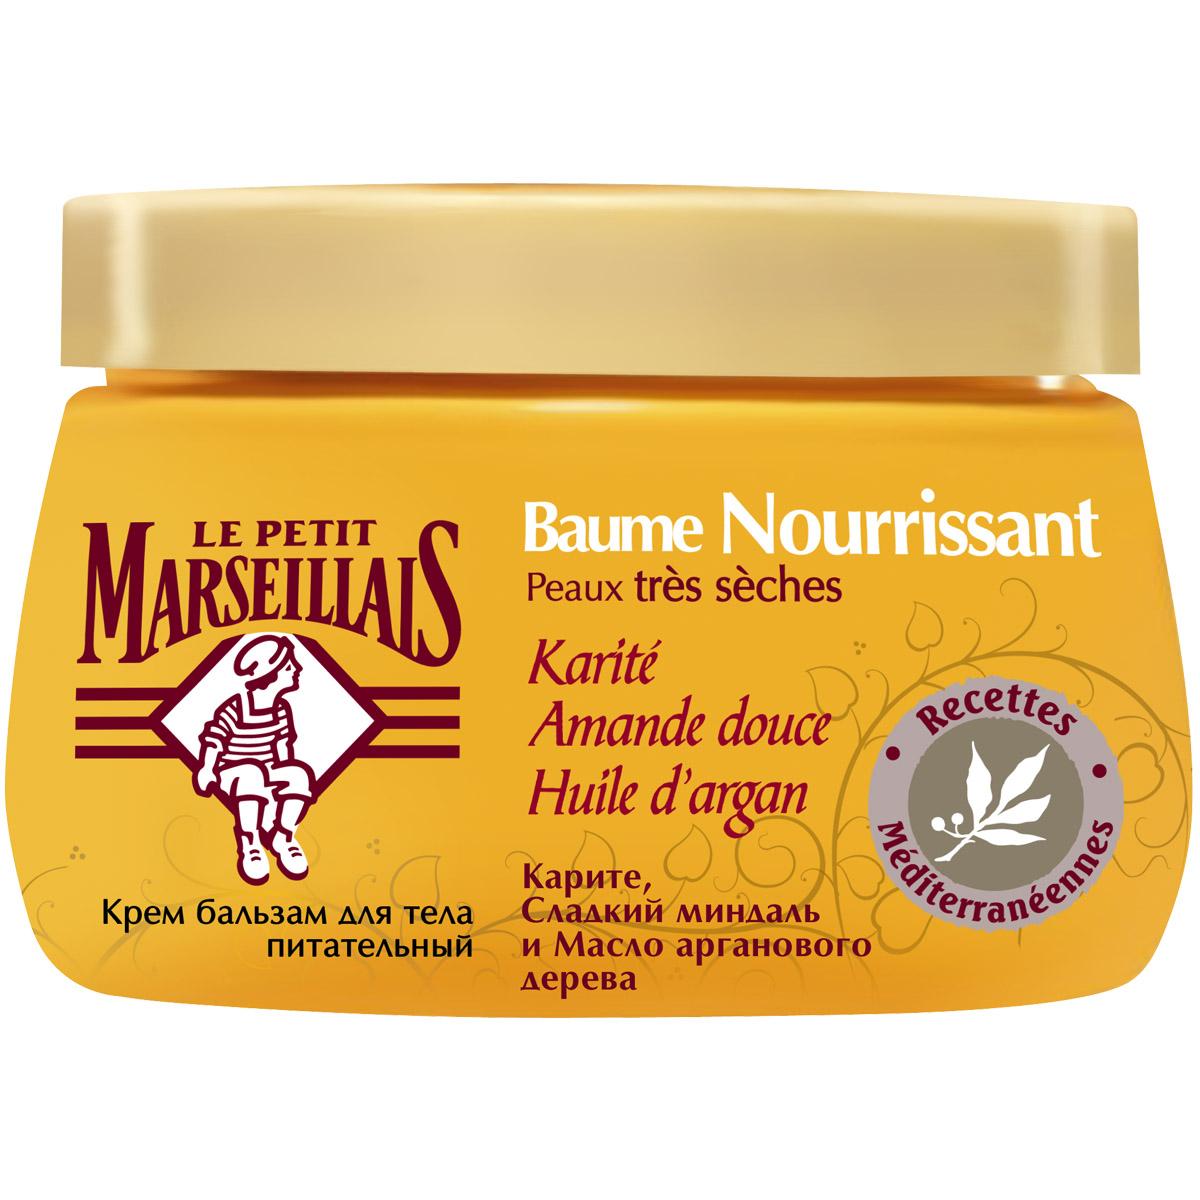 Крем-бальзам Le Petit Marseillais для тела 250мл Карите, Сладкий миндаль и Масло арганового дерева (питательный)